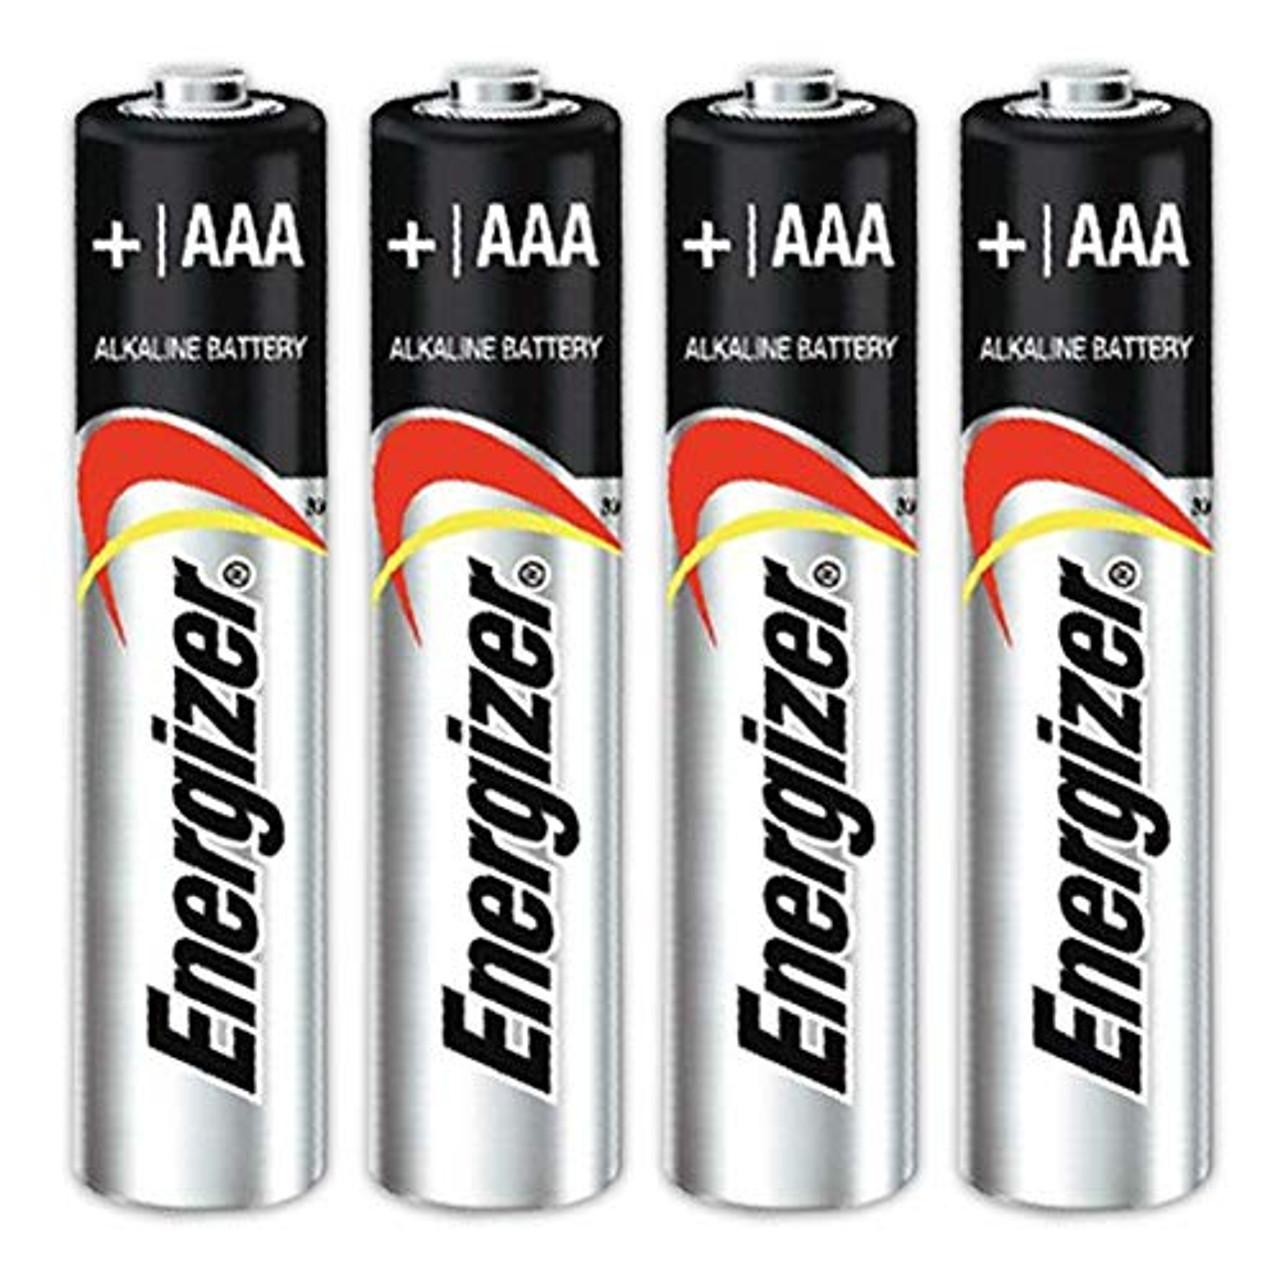 Energizer Max Alkaline AAA Batteries 4 Count